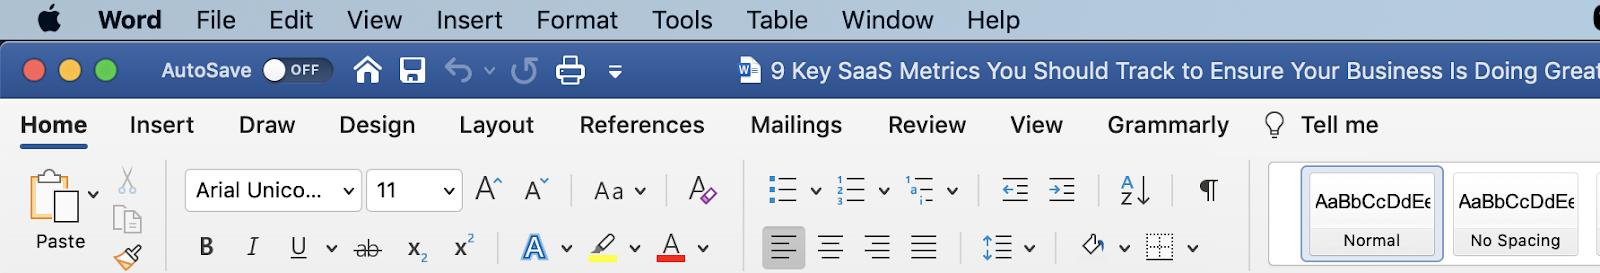 The Microsoft Word navigation panel